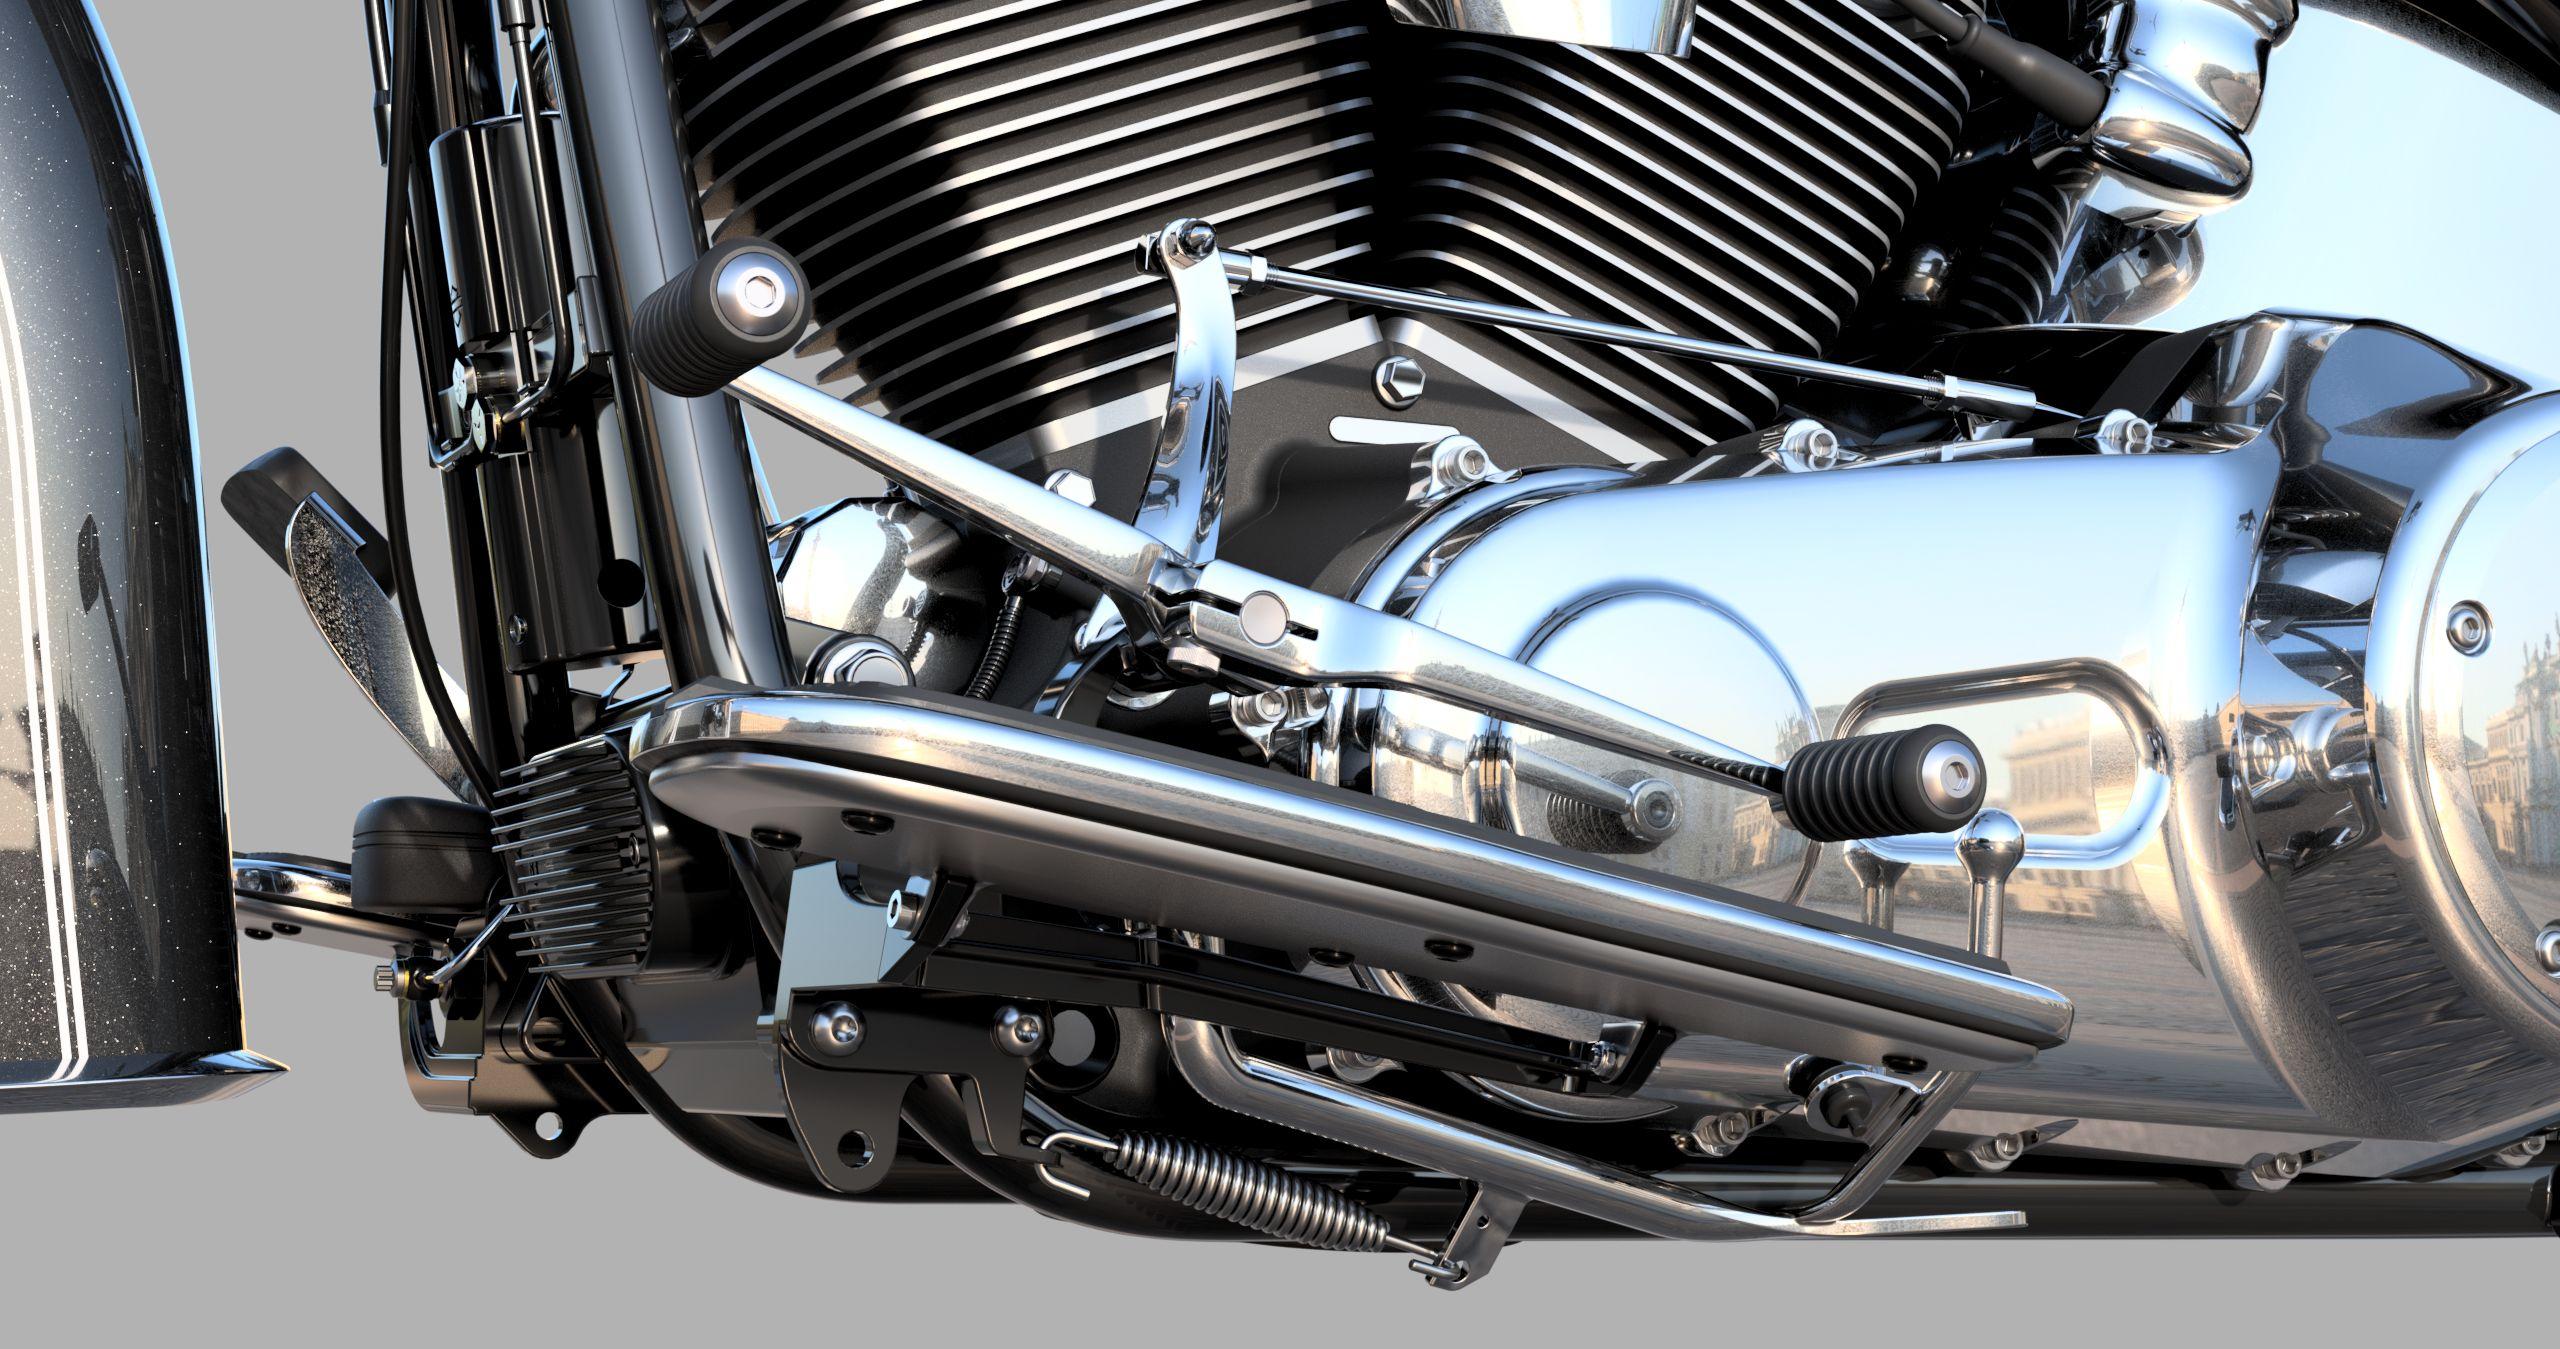 Harley-heritage-leftfloorboard-3500-3500